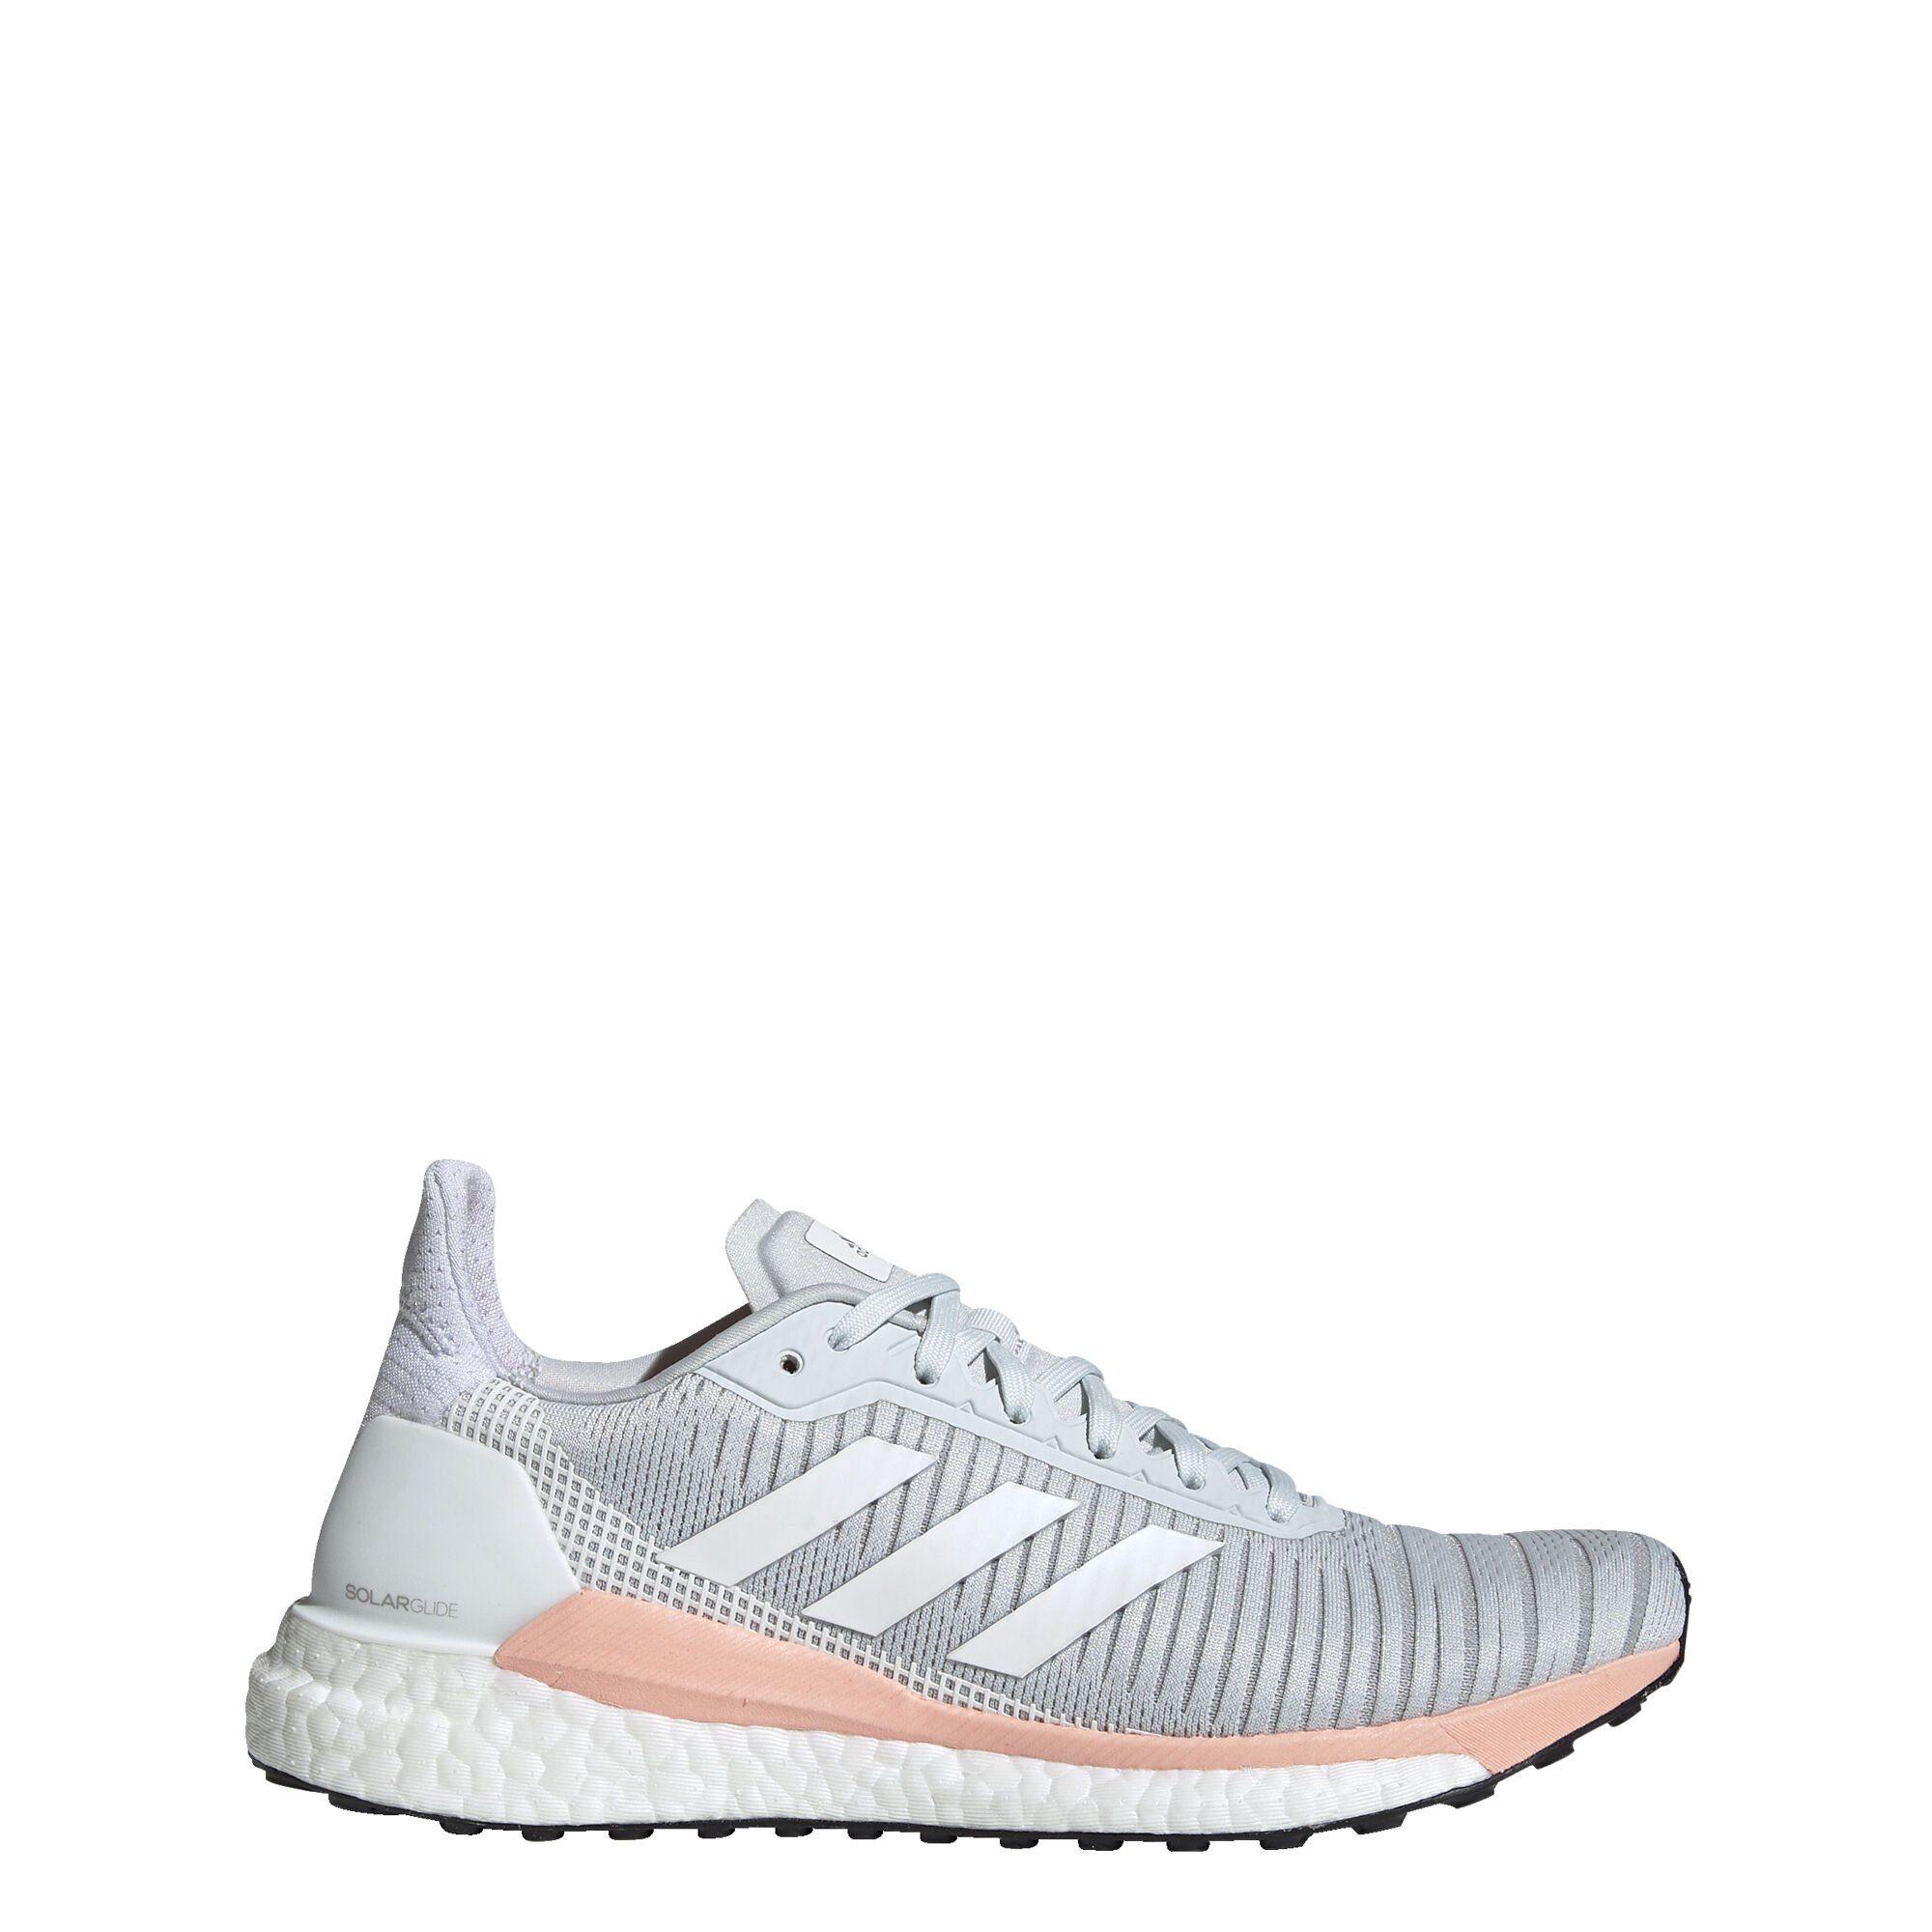 adidas Performance »Solarglide 19 Schuh« Sneaker Solar online kaufen | OTTO